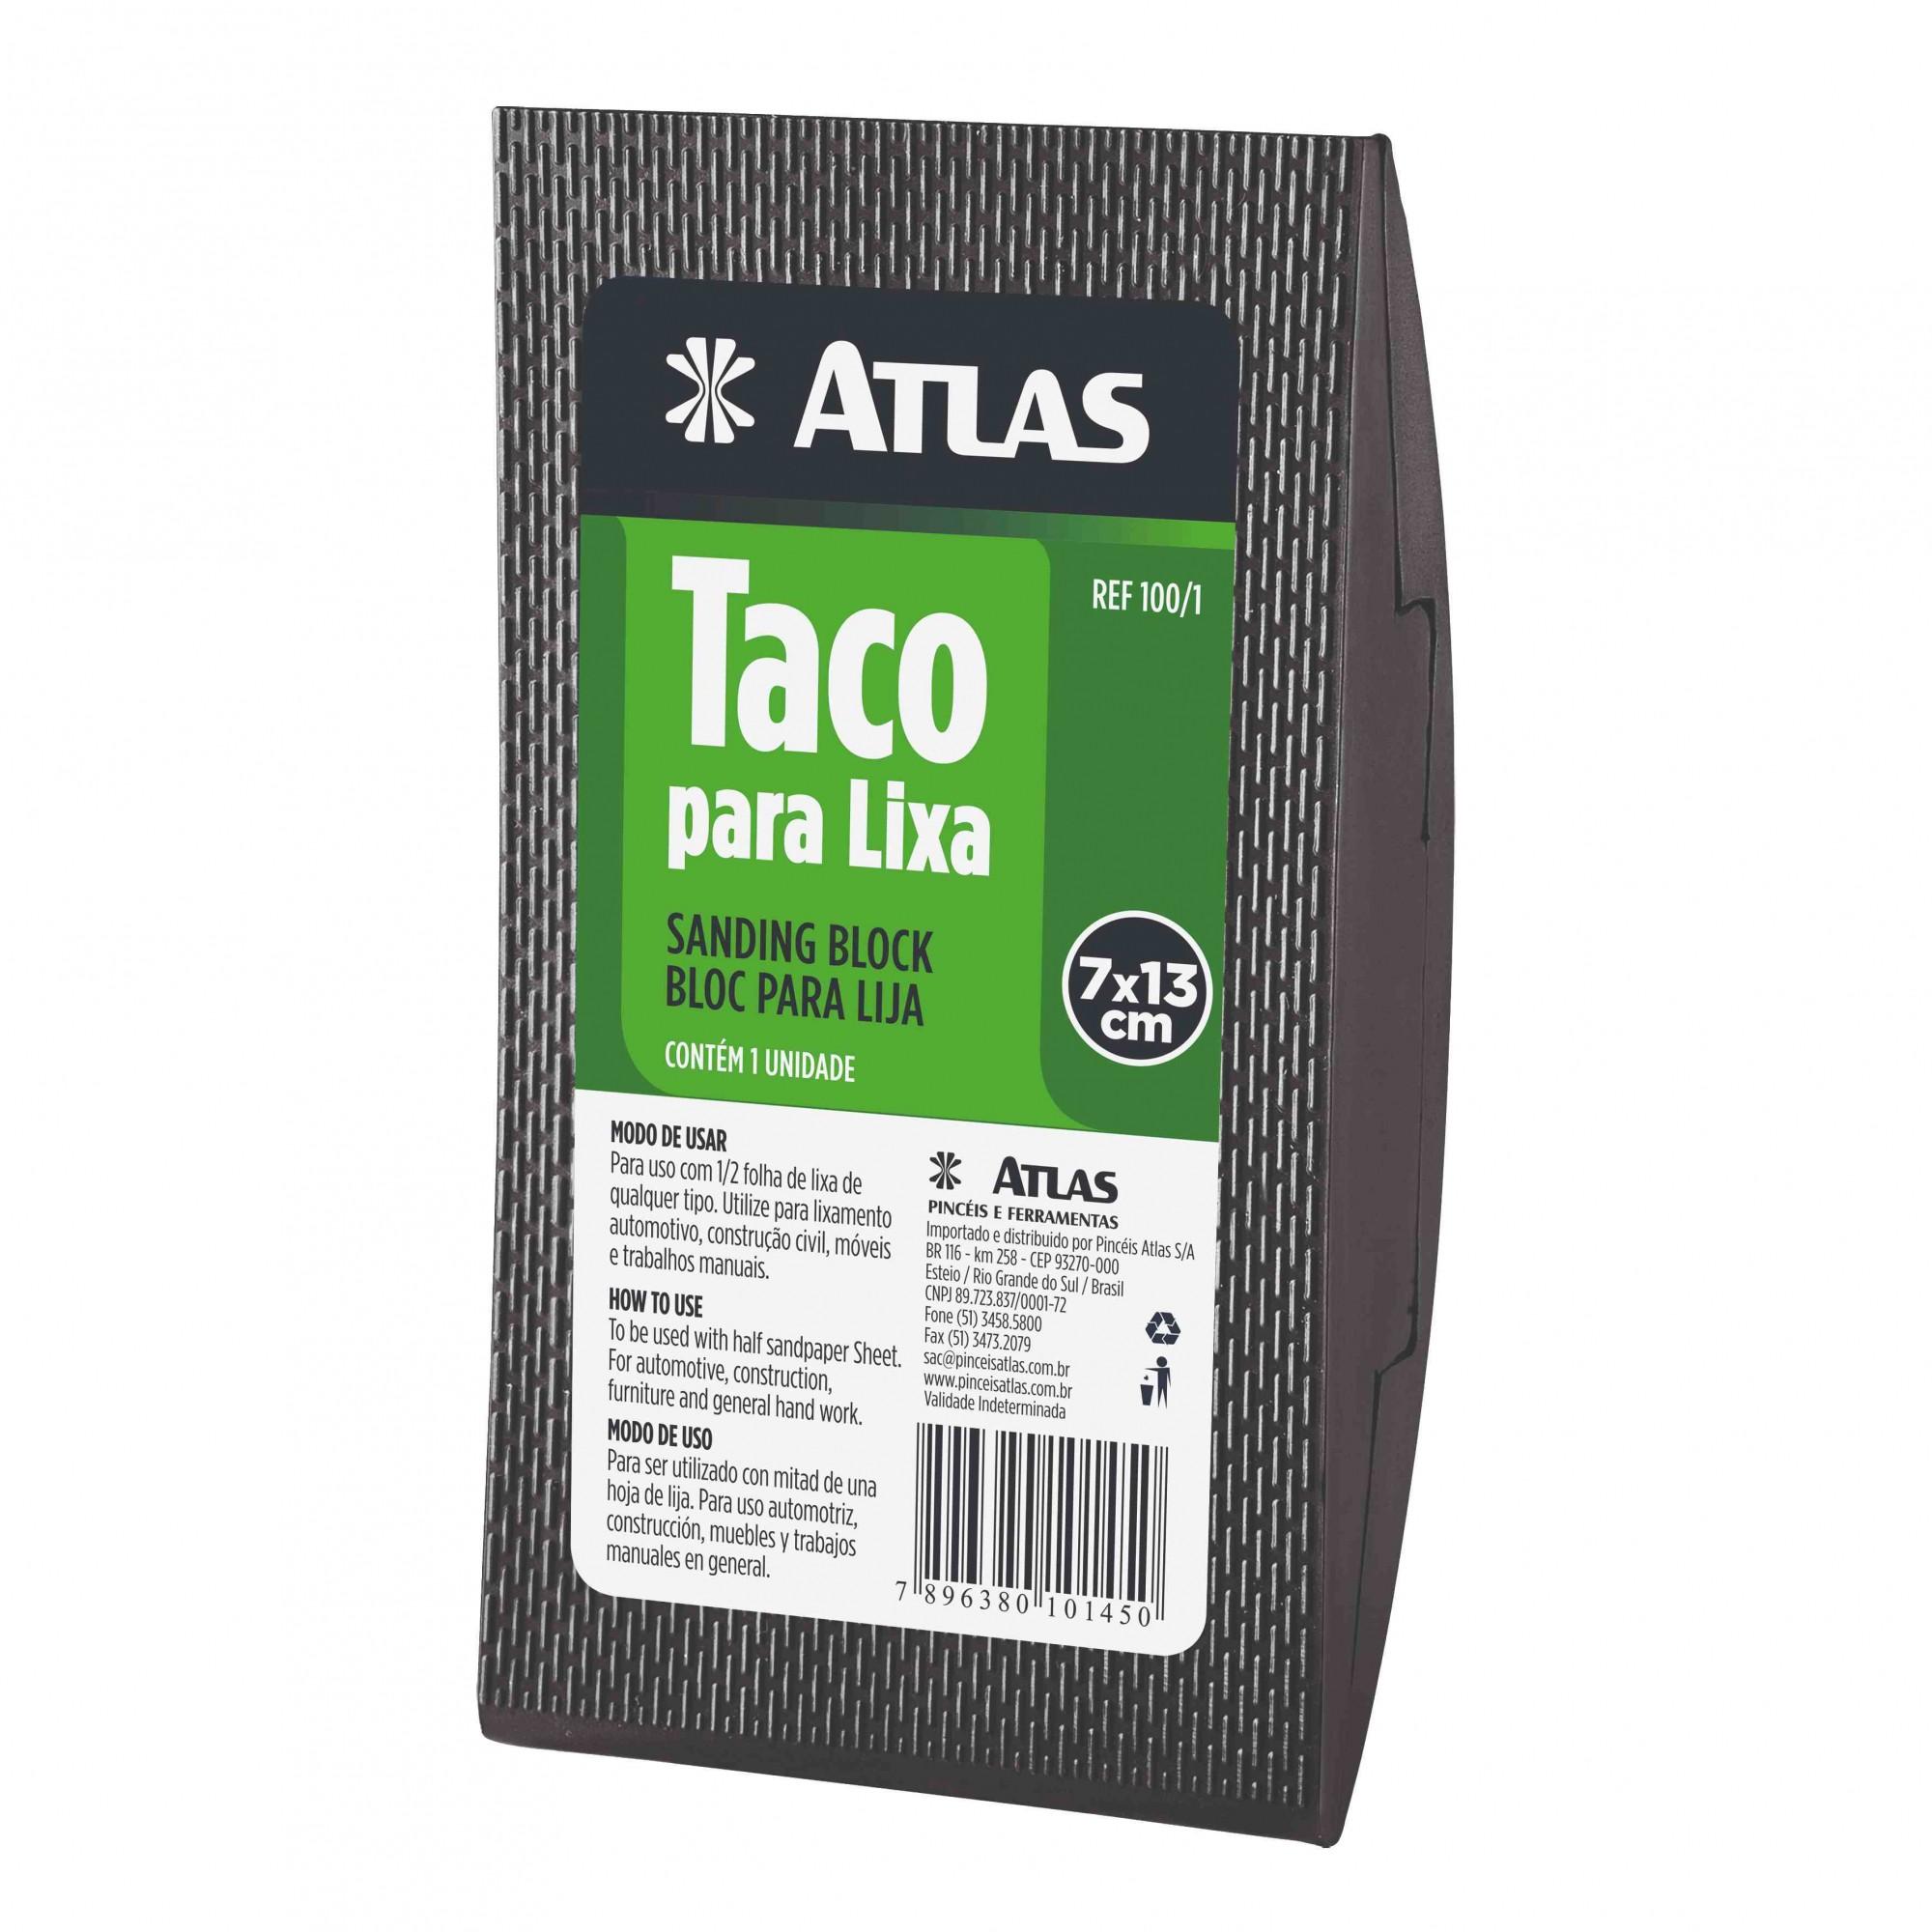 Taco P/ Lixa de Borracha Atlas 100/1.